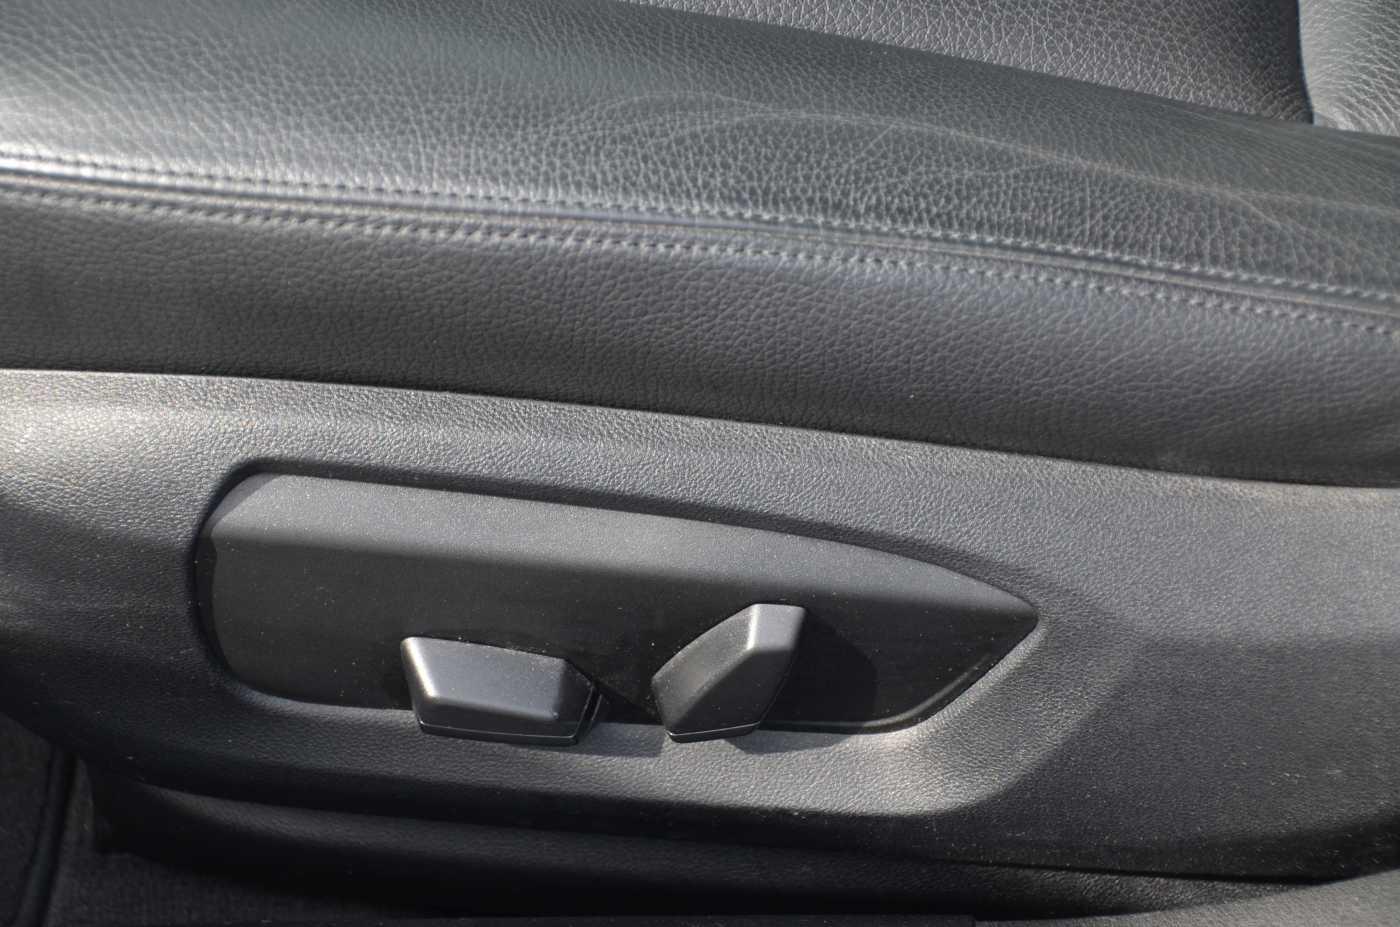 BMW 5 DIESEL - 2015 518 dA 10/12